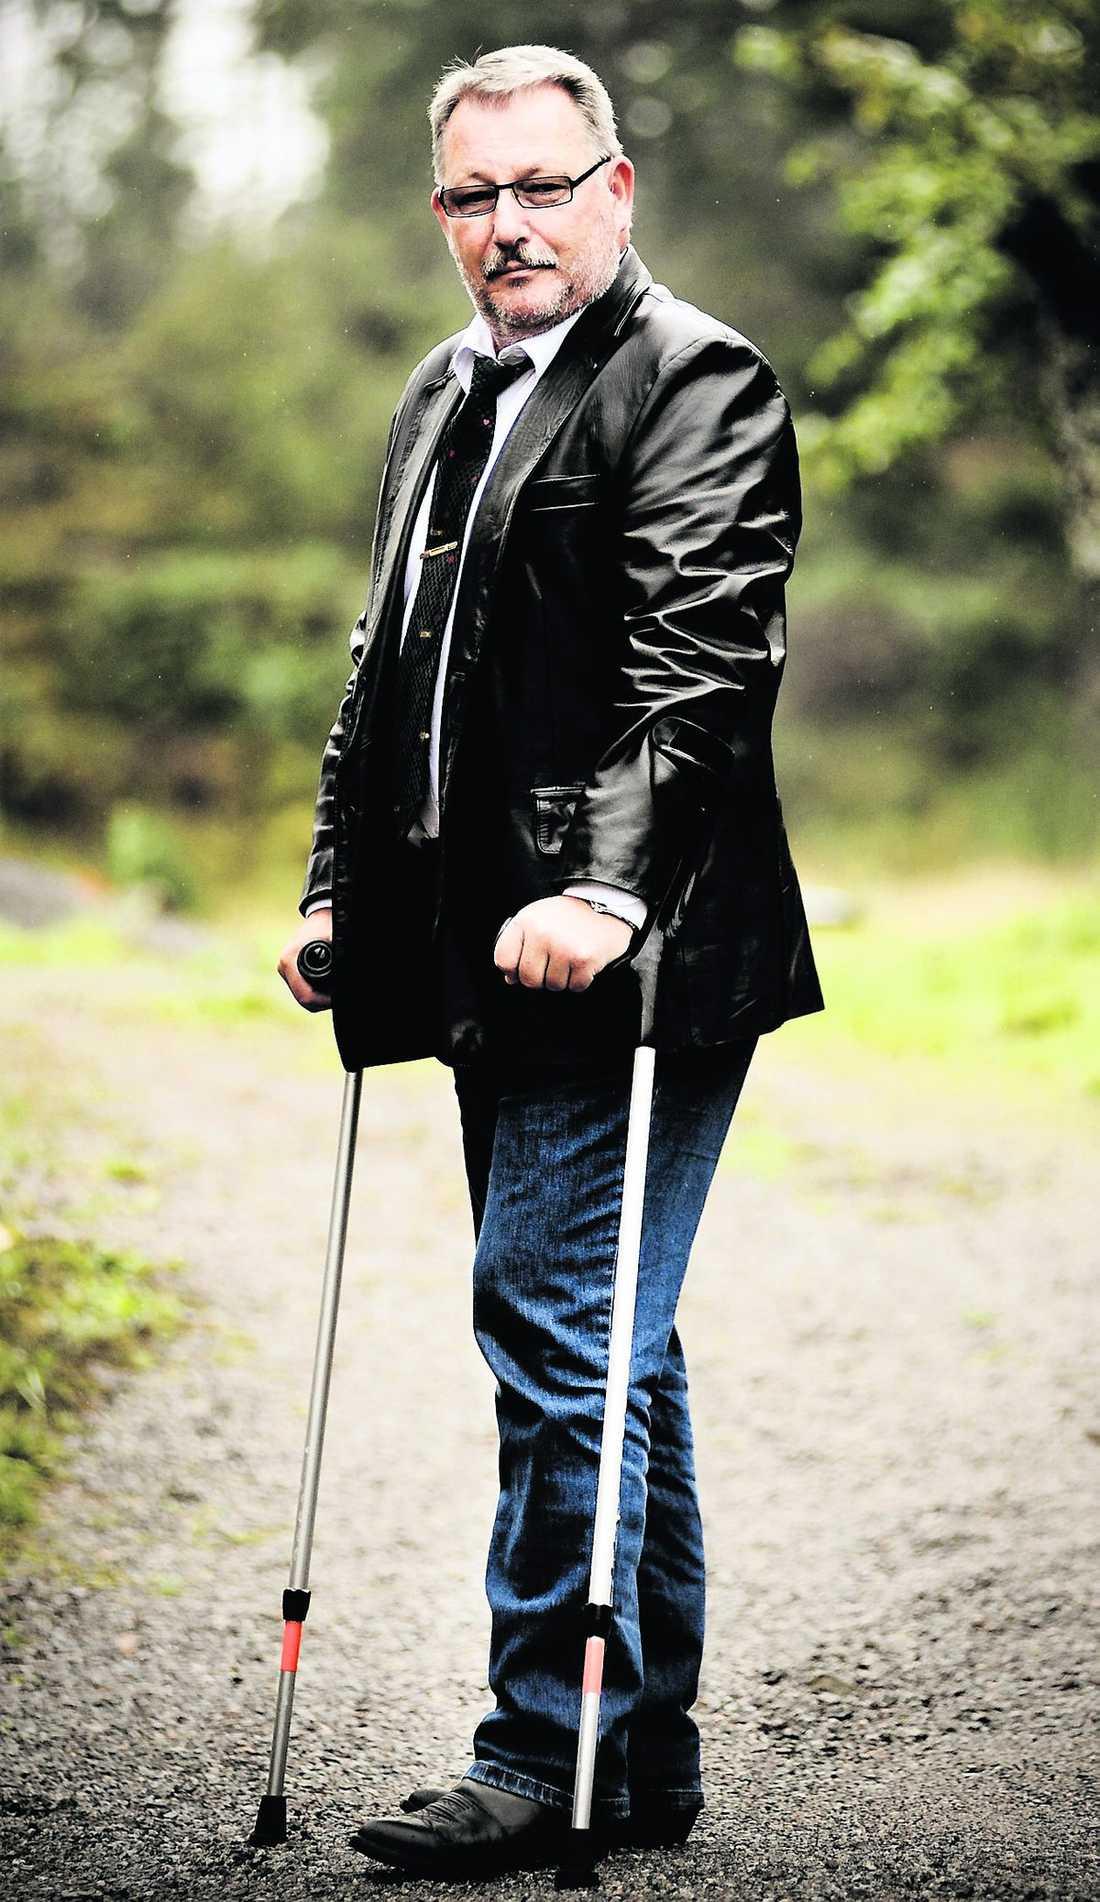 Lars Sjöblom, 57, valde att lämna Moderaterna mitt under valrörelsen.